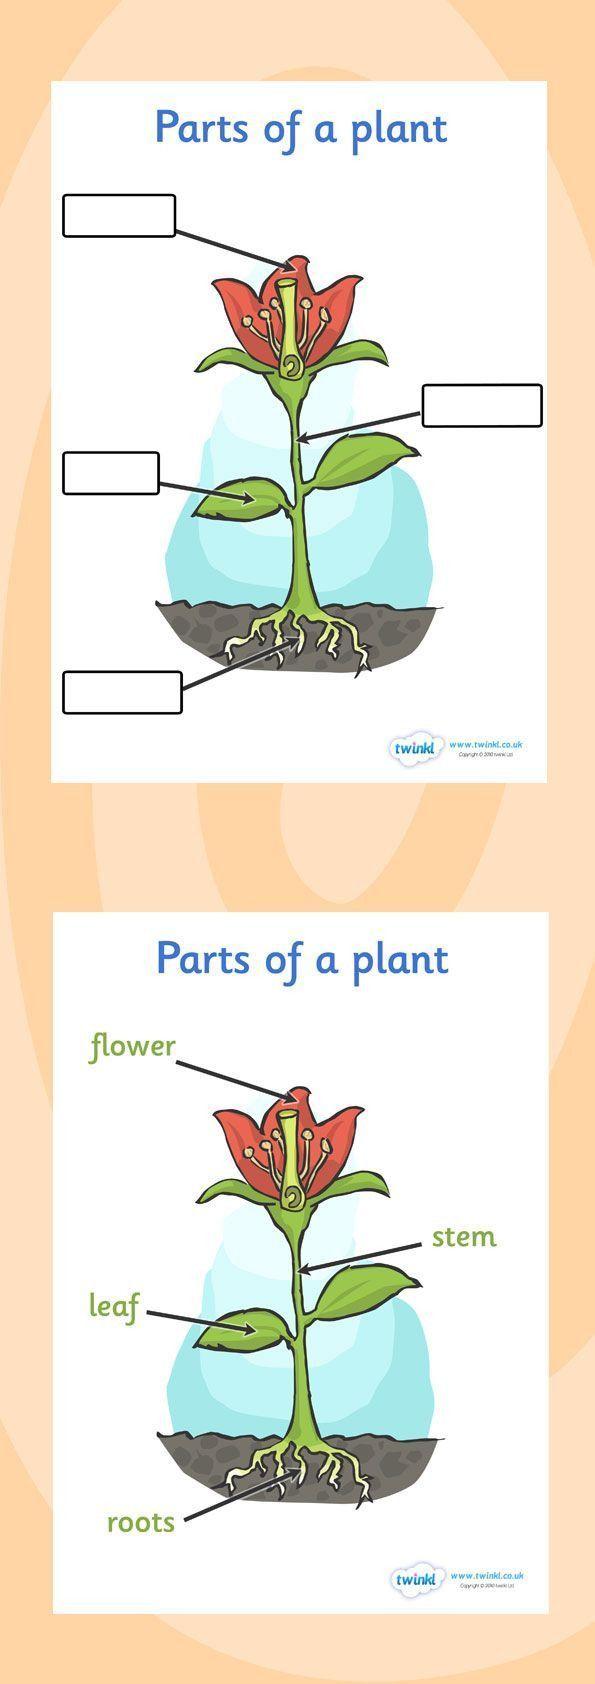 6 Preschool Plant Life Cycle Worksheet Cycle Life Plant Preschool Worksheet Cycle Life Pl Parts Of A Plant Plant Life Cycle Worksheet Plants Kindergarten [ 1684 x 595 Pixel ]